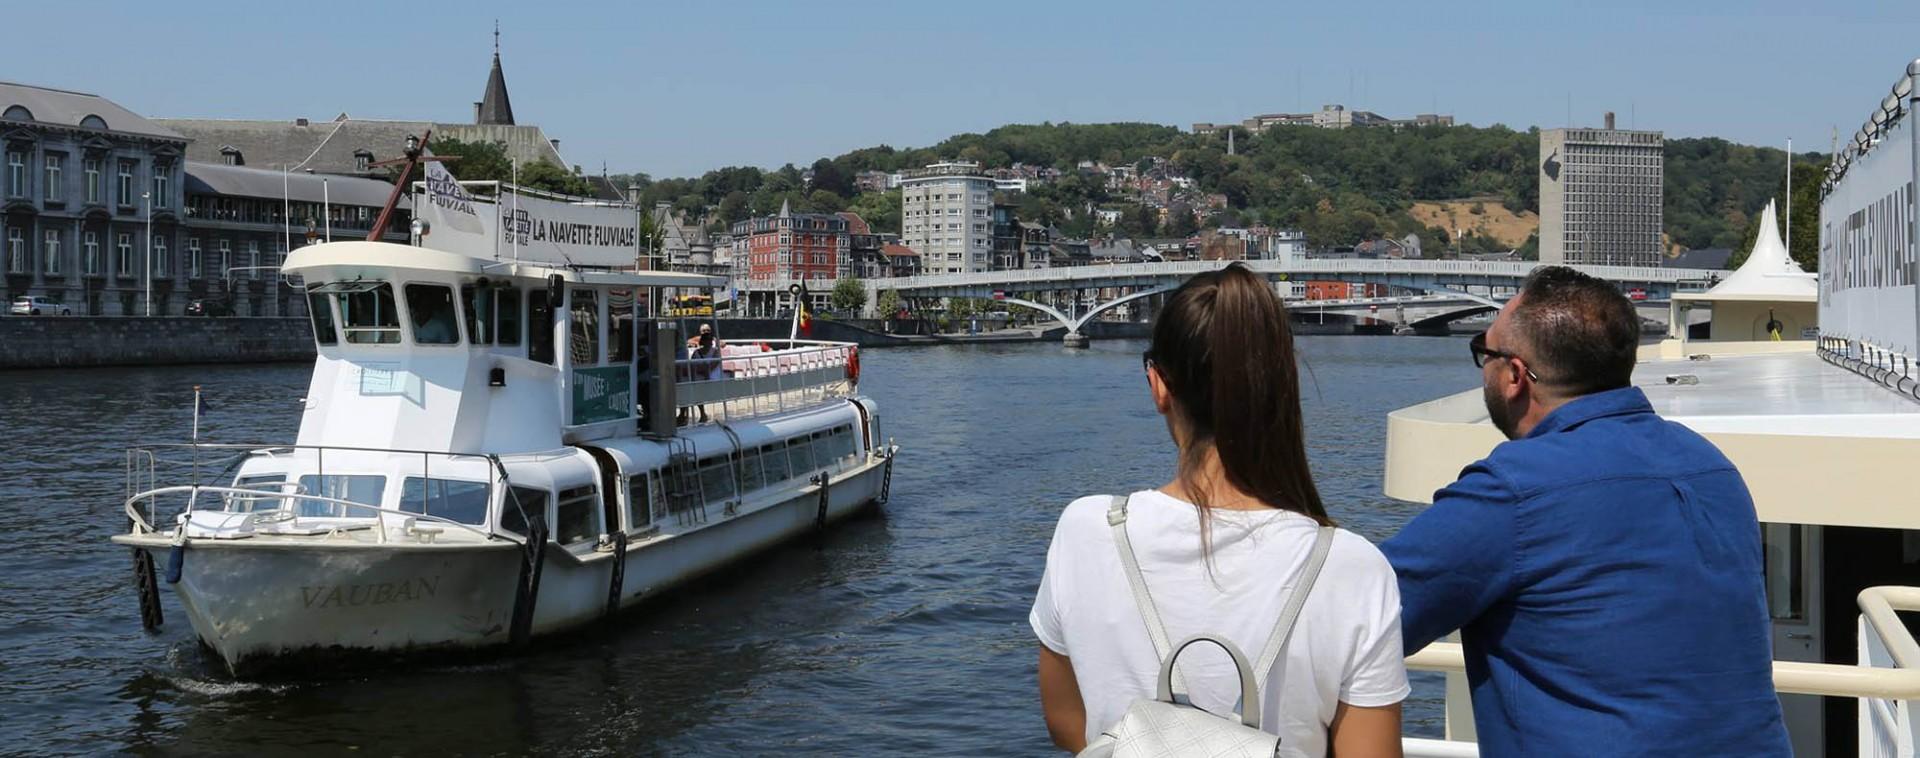 Flusstourismus in der Provinz Lüttich | © FTPL-Patrice Fagnoul